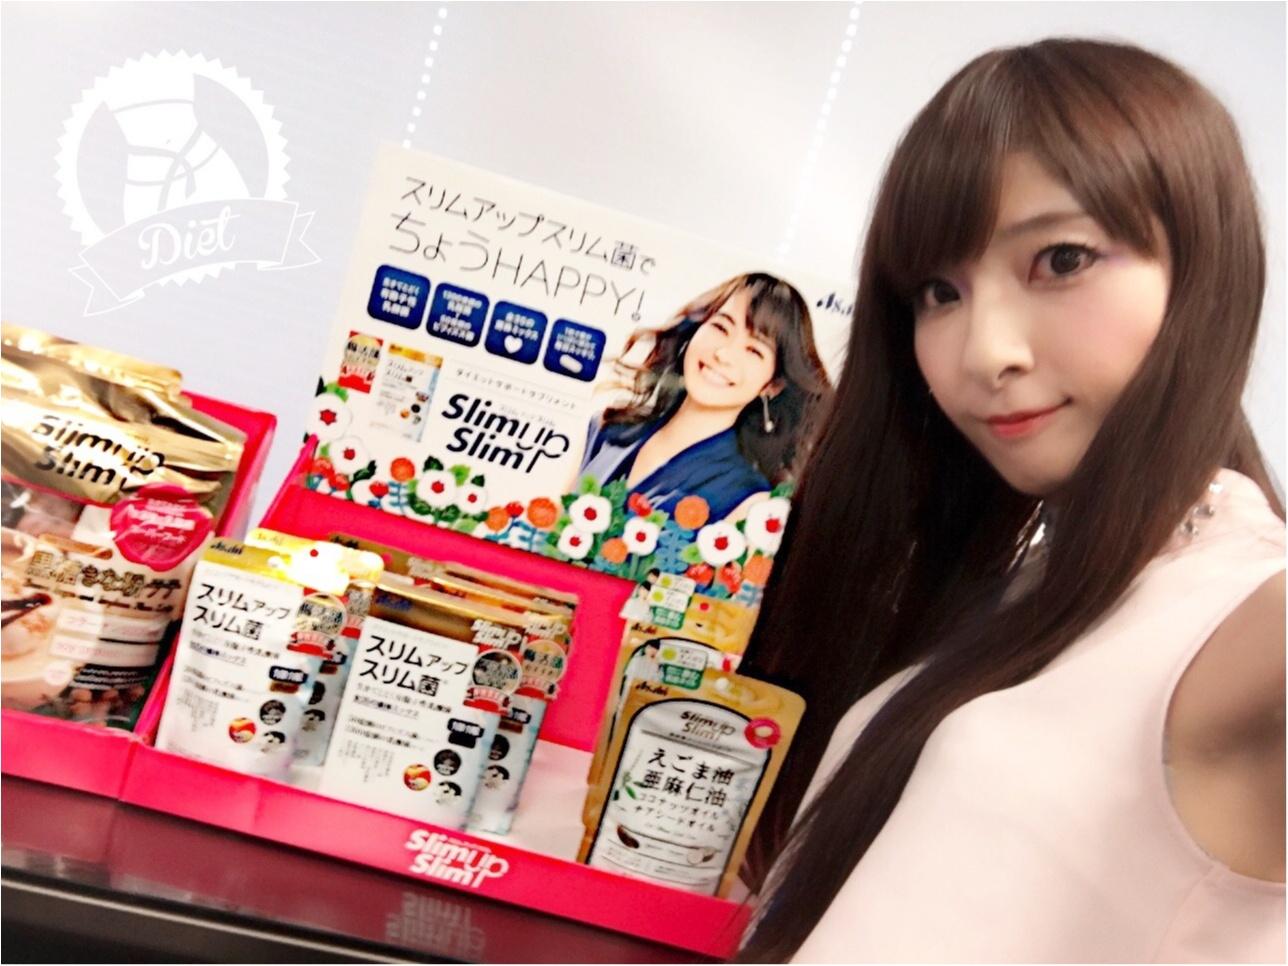 ♡ダイエットのおすすめサポート食品【イマドキのダイエットは目的が変わってきた?!】♡モアハピ◡̈のぞみ♡_3